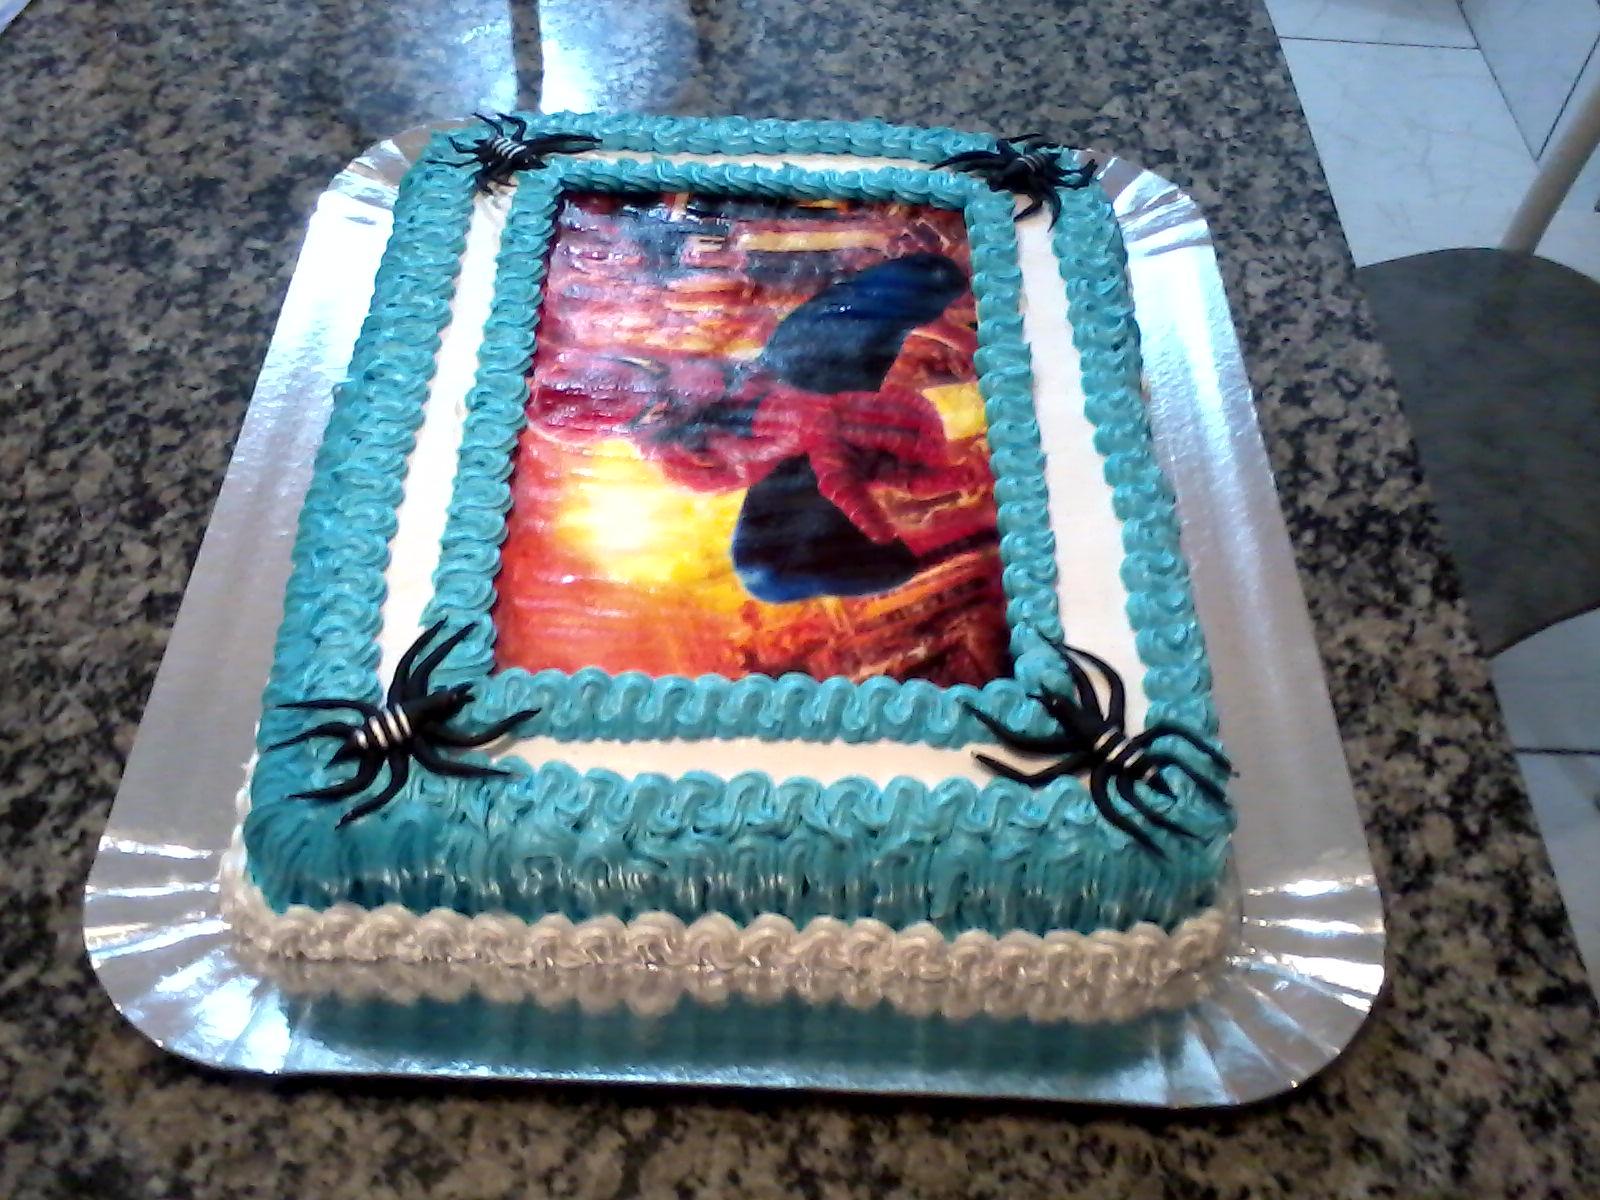 Arts cakes bolos decorados bolo do homem aranha bolo do homem aranha altavistaventures Gallery